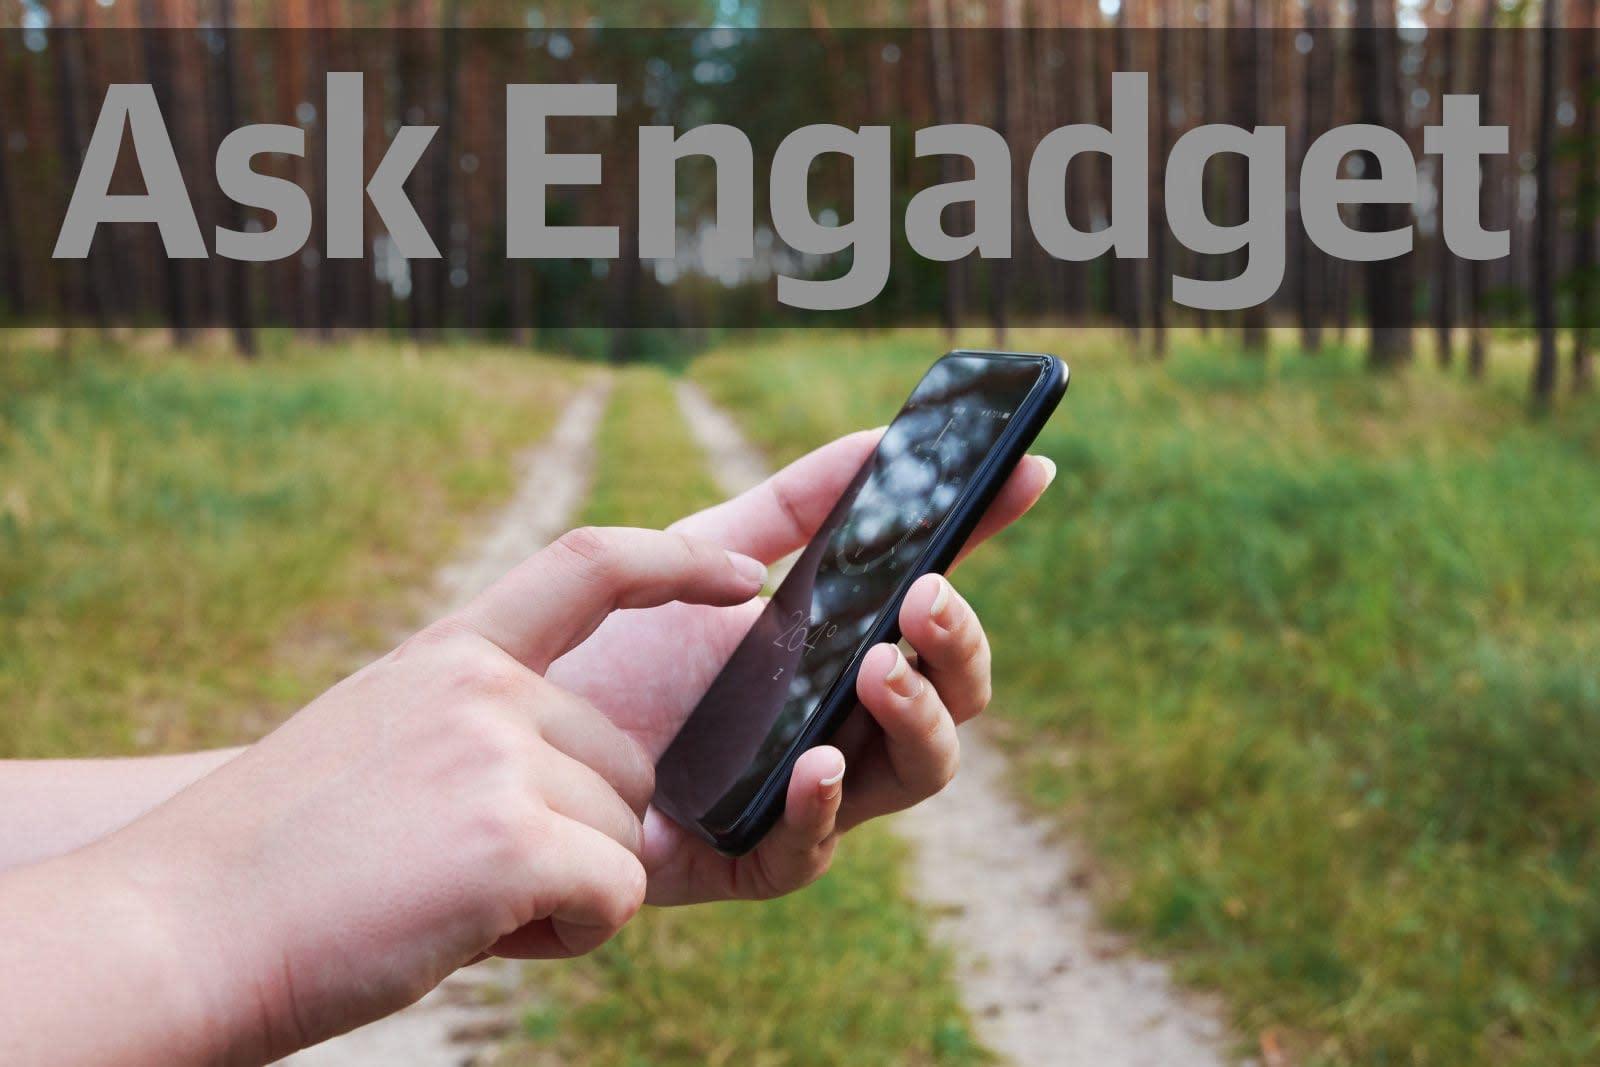 Engadget'a Sor: En iyi dış mekan navigasyon uygulamaları nelerdir? | Engadget